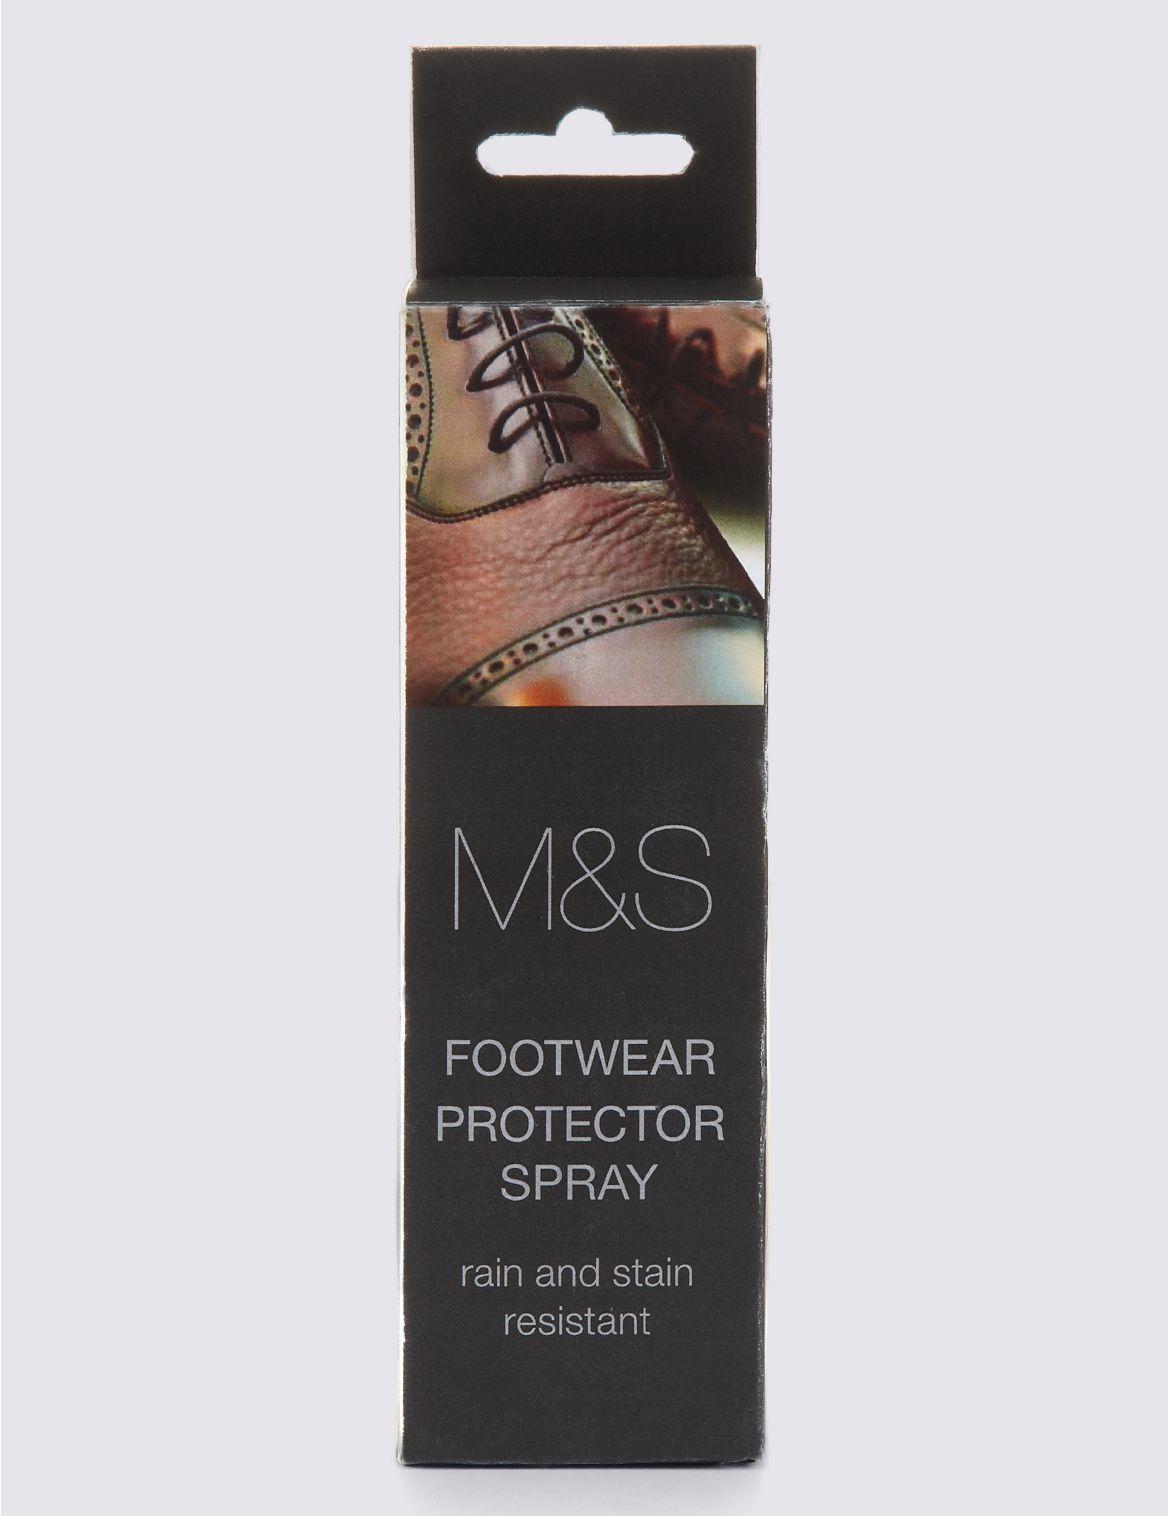 Spray protecteur. StyleImperm??able et anti-taches;Maintient vos chaussures en excellent ??tat